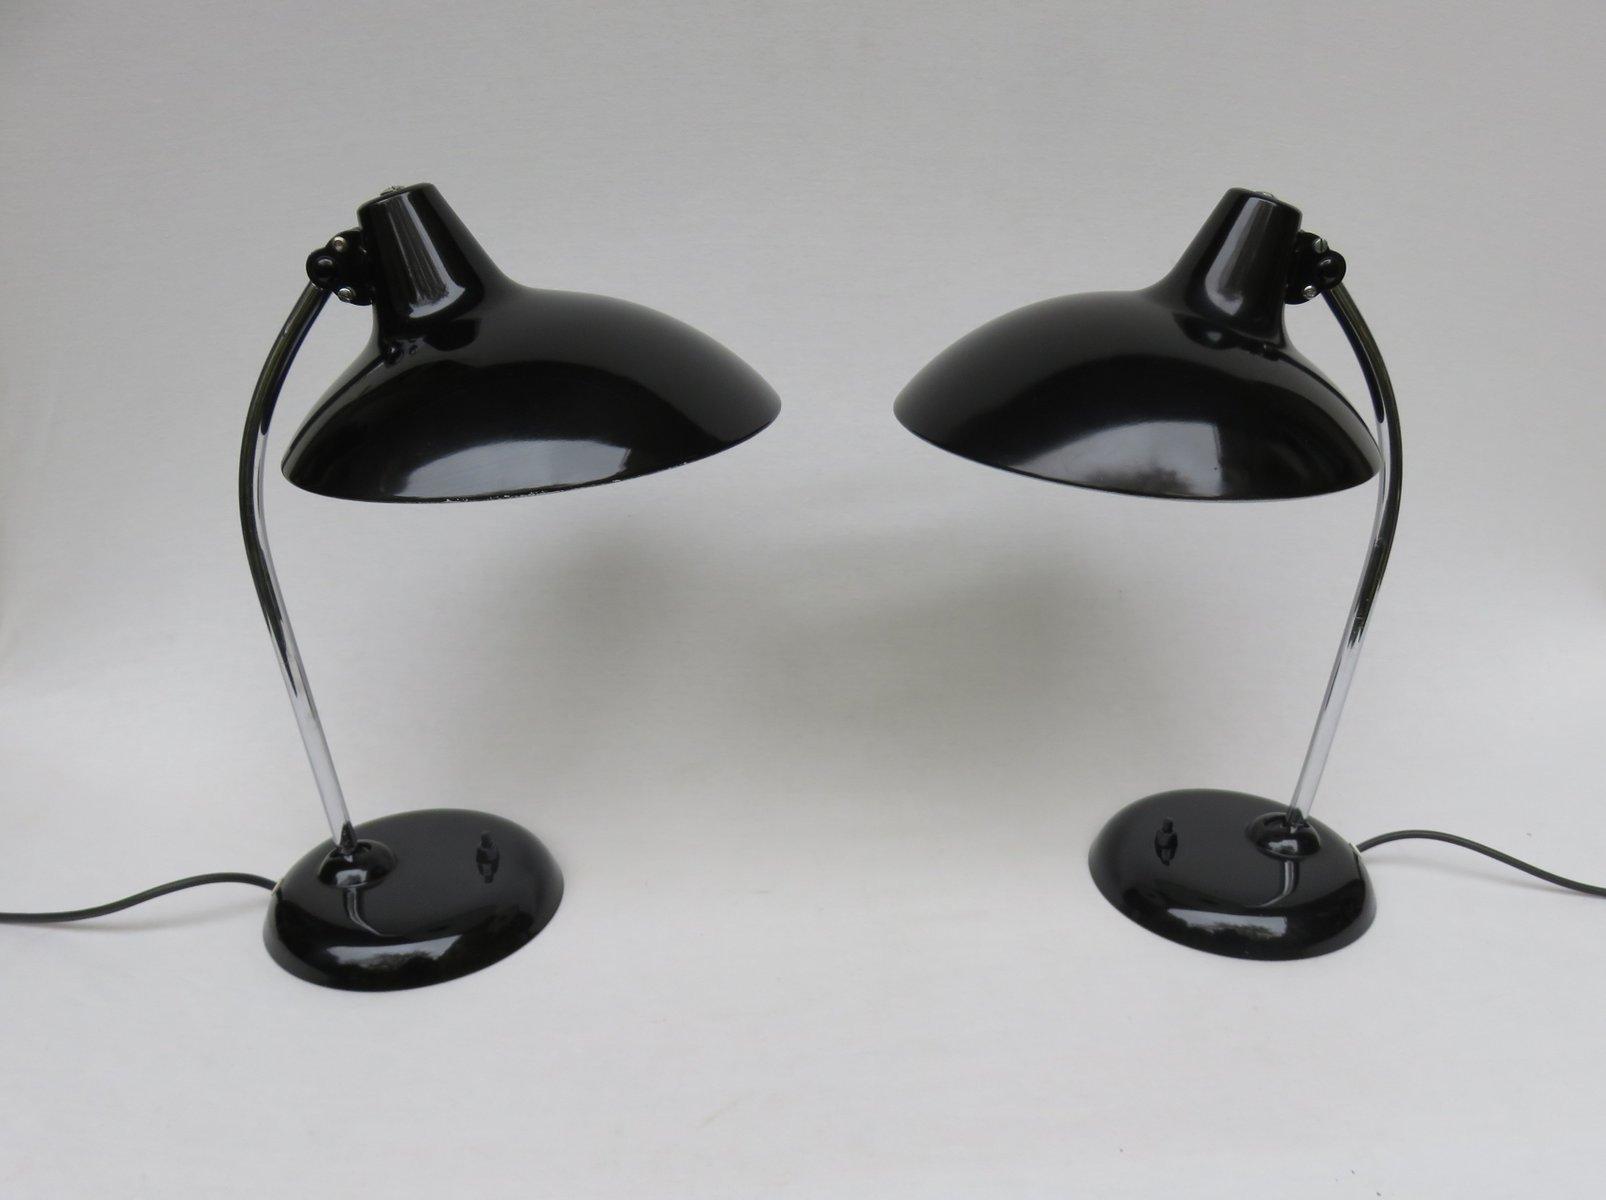 schwarze tischleuchten mit chrom von kaiser leuchten. Black Bedroom Furniture Sets. Home Design Ideas